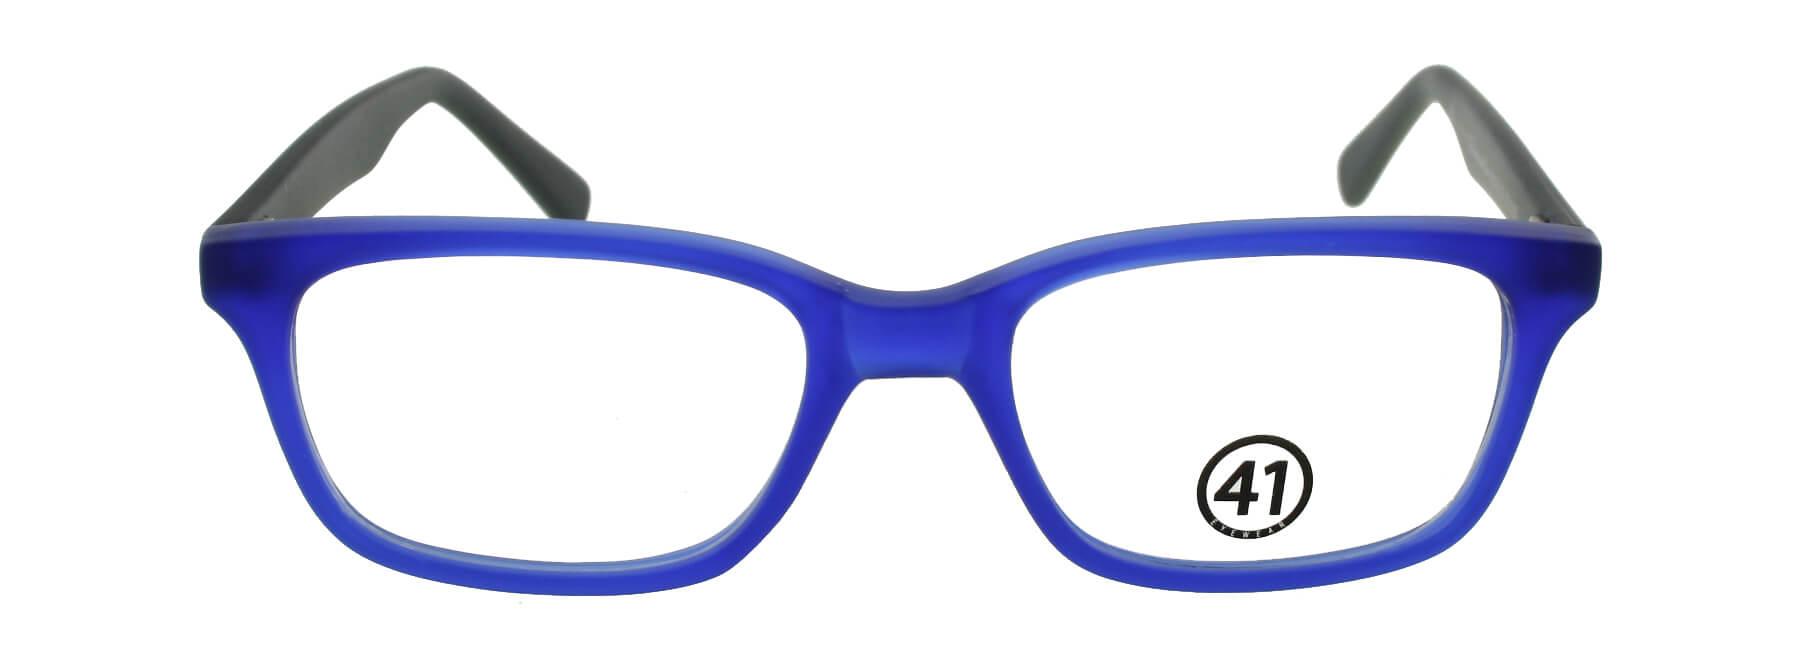 b372efbeb5 Nueva colección gafas infantiles 41 eyewear - Optimoda